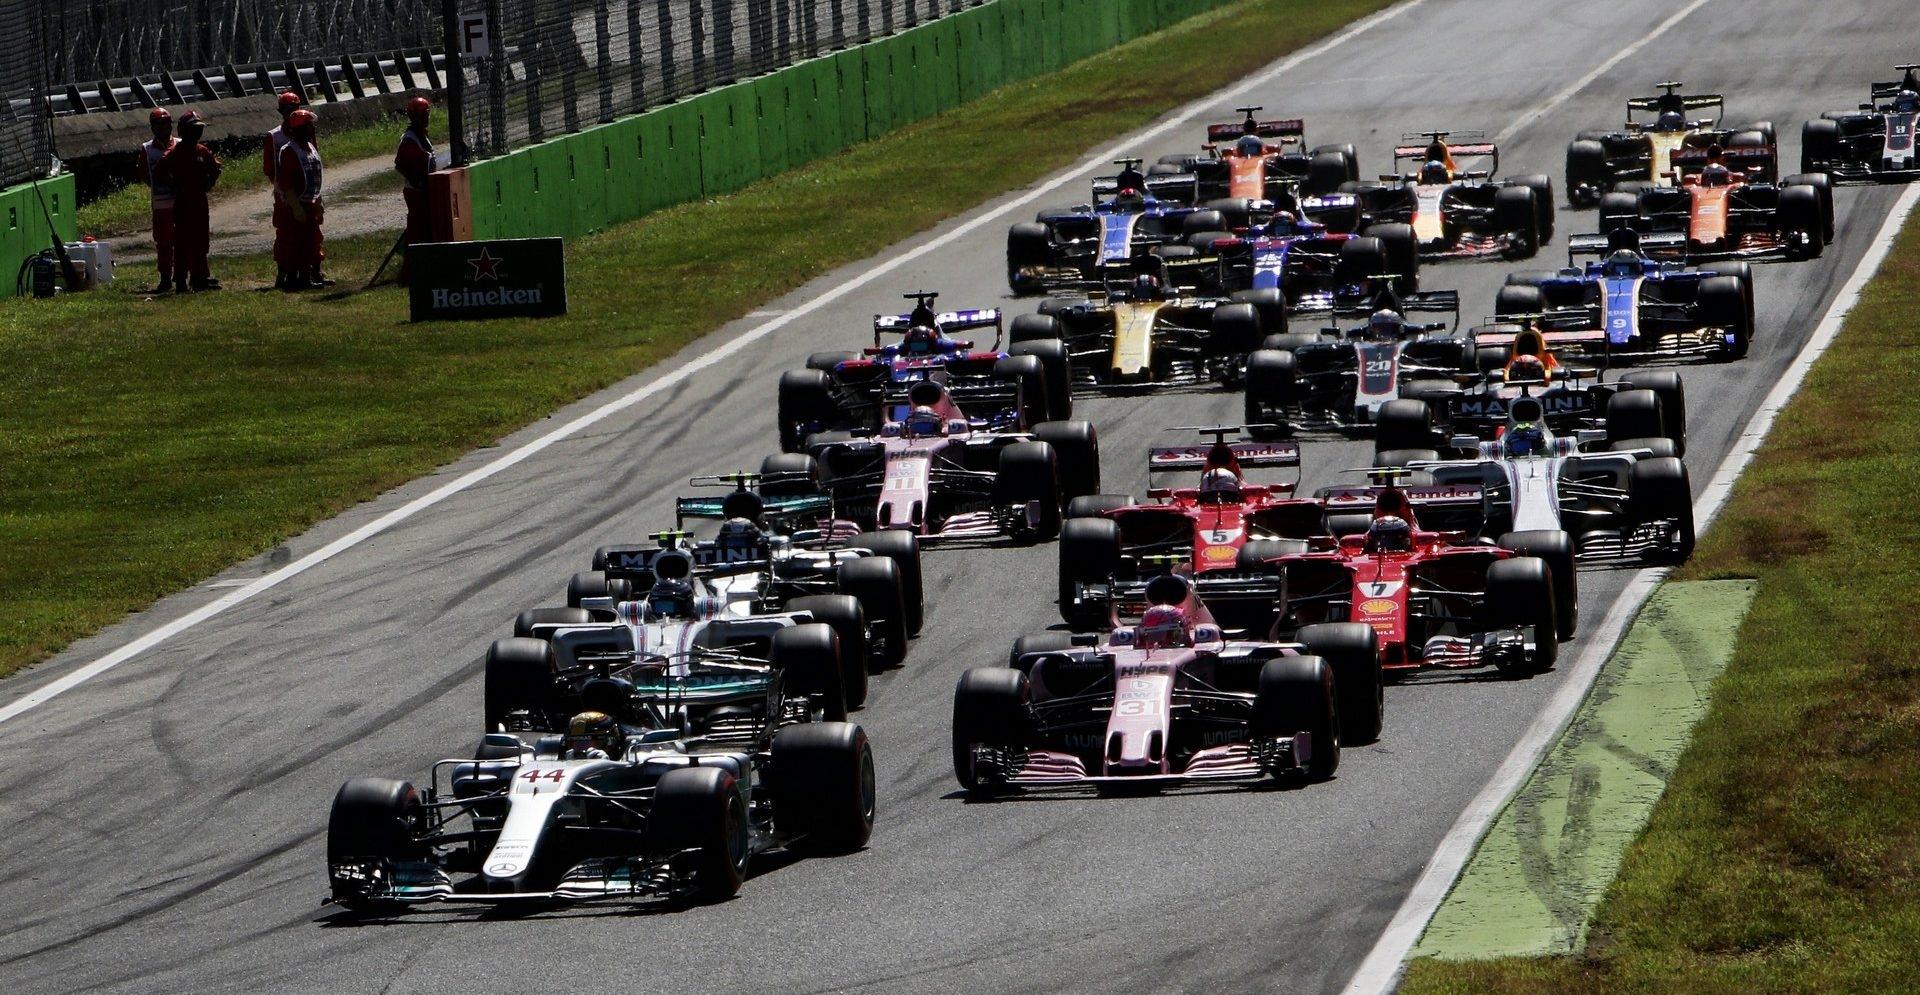 Старт Гран-при Италии 2018 года